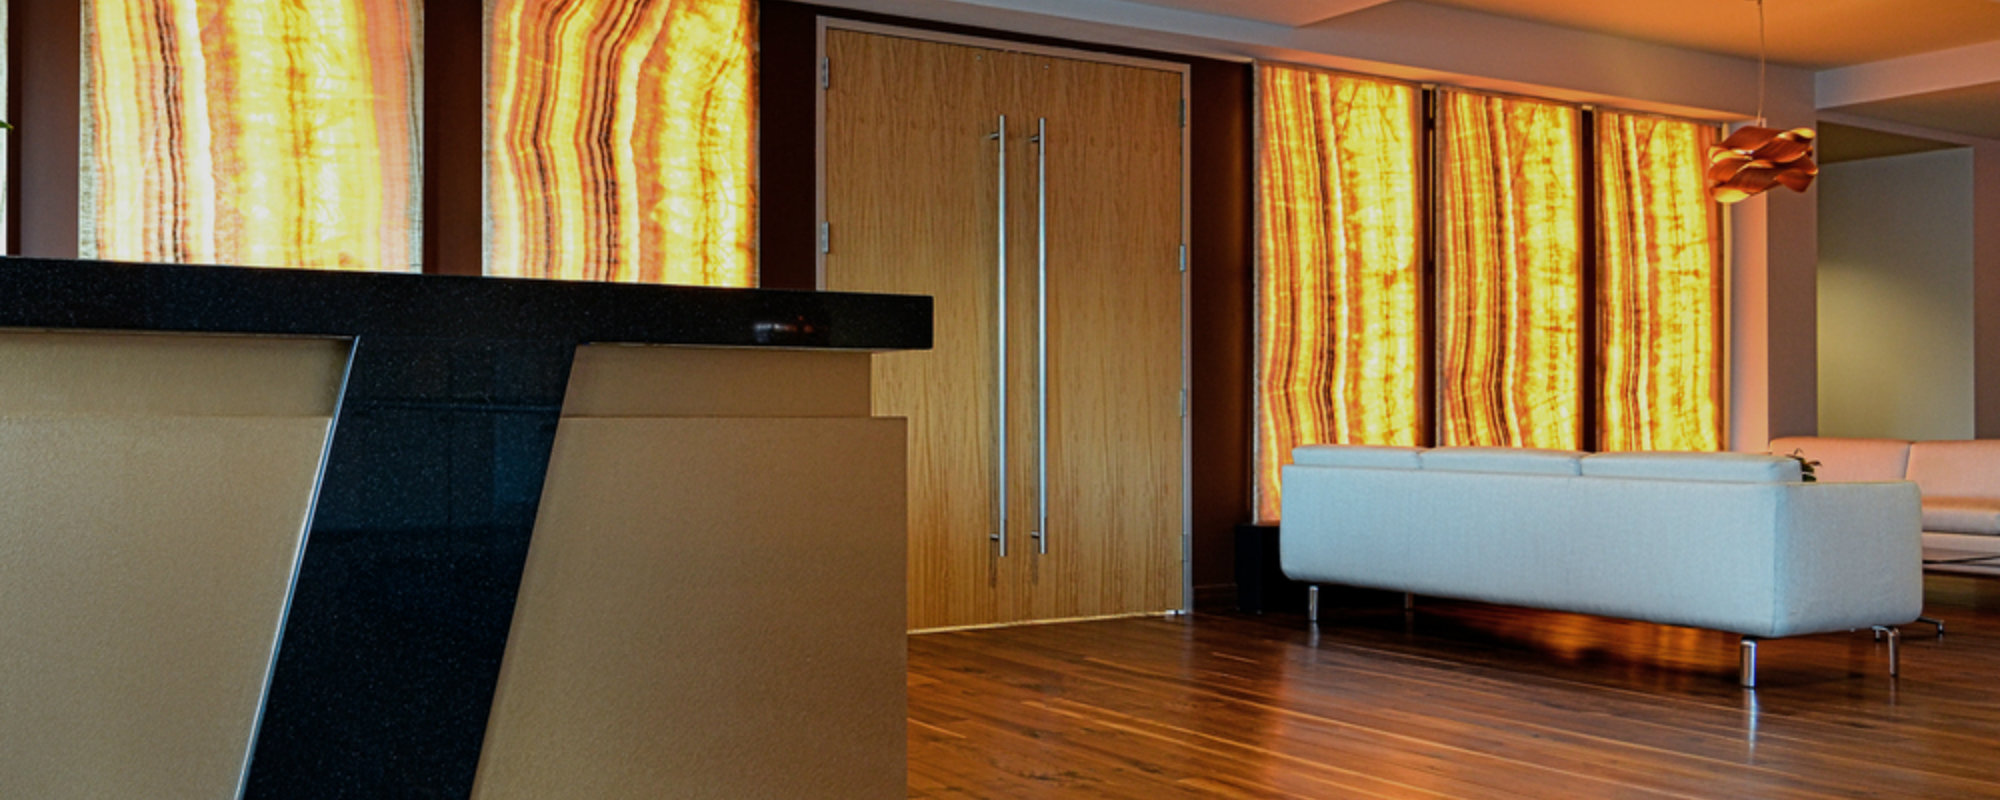 Firma de lujo: The M Group Architects un grupo lider en Interiorismo